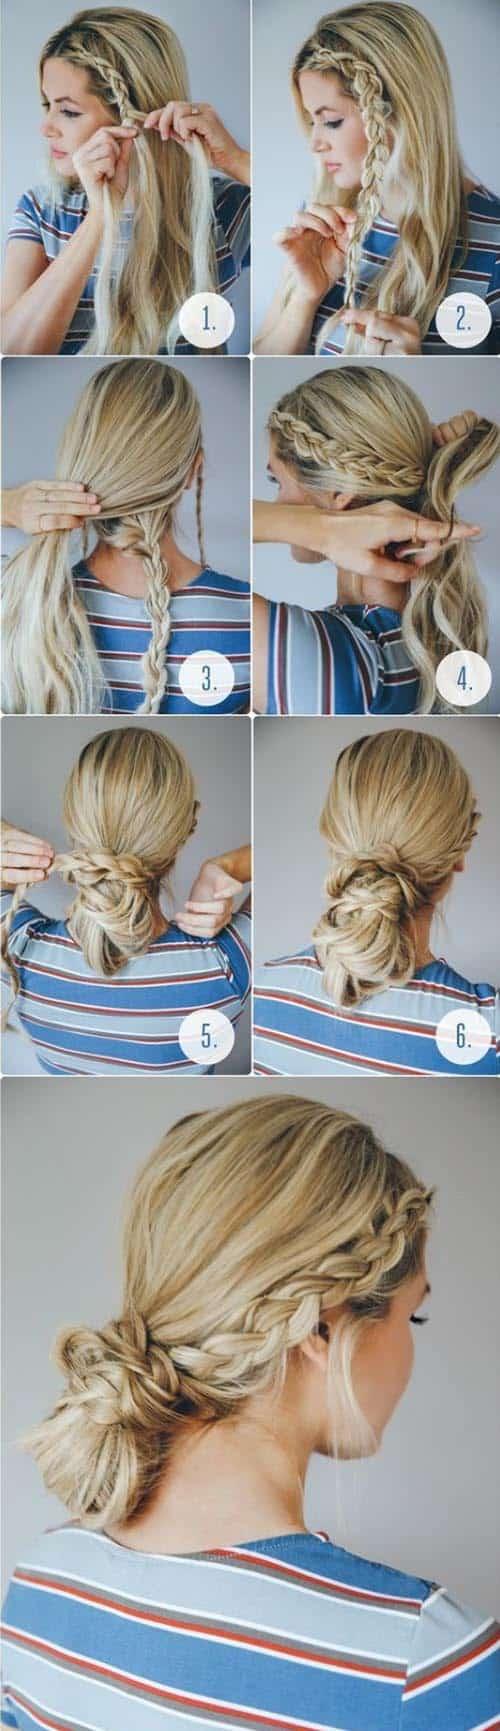 3 peinados sencillos para el trabajo o el colegio